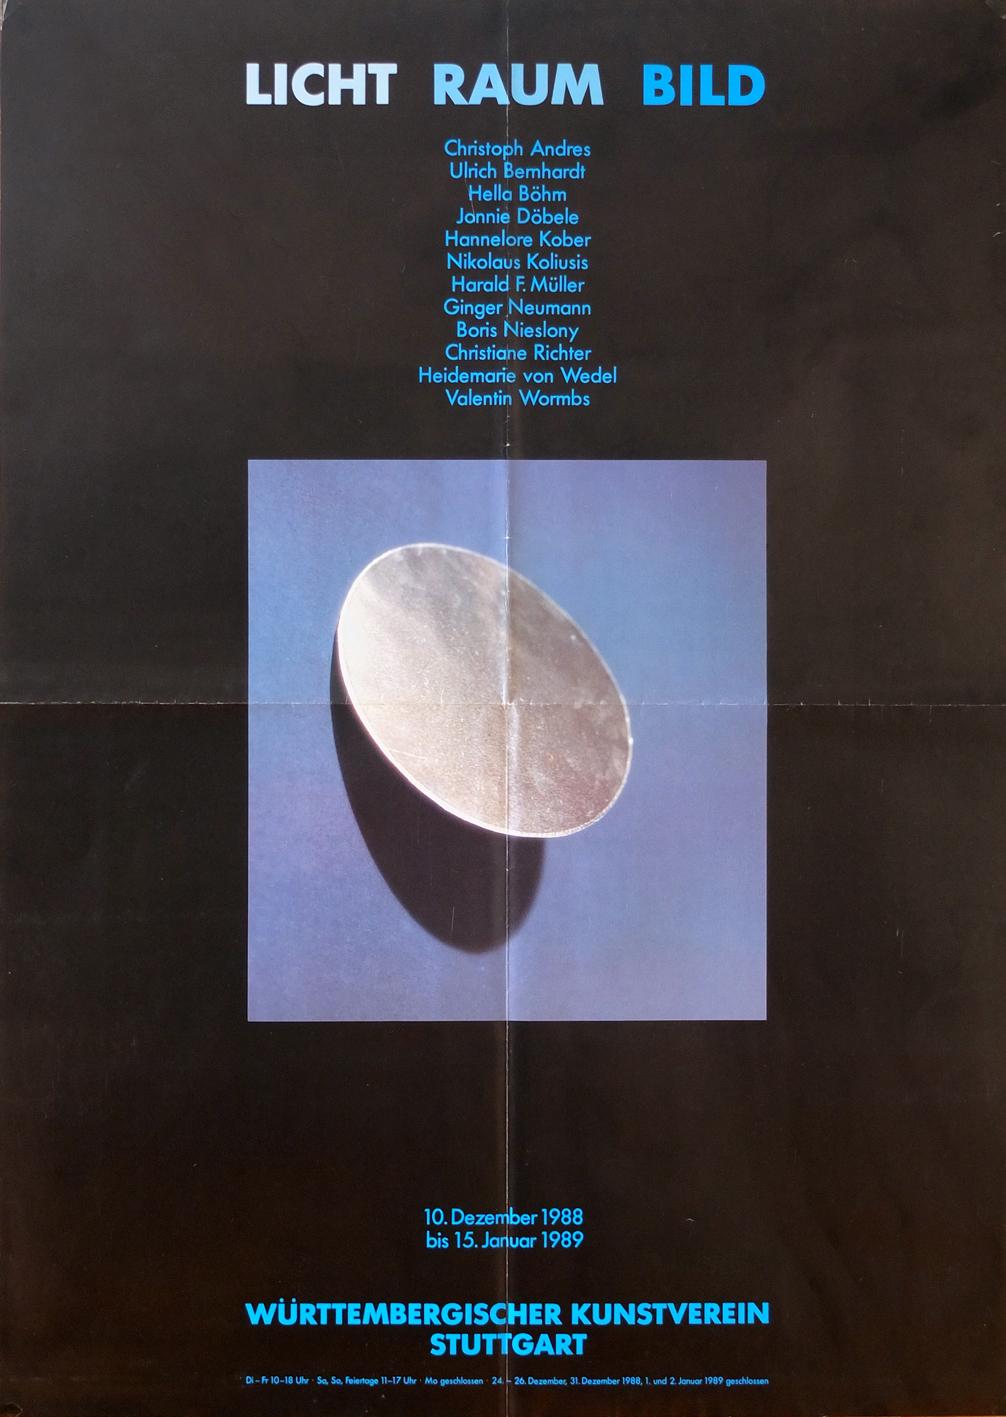 Photo: Ausstellungsplakat Licht Raum Bild DIN-A1, 89,5 x59,5 cm Württembergischer Kunstverein Stuttgart